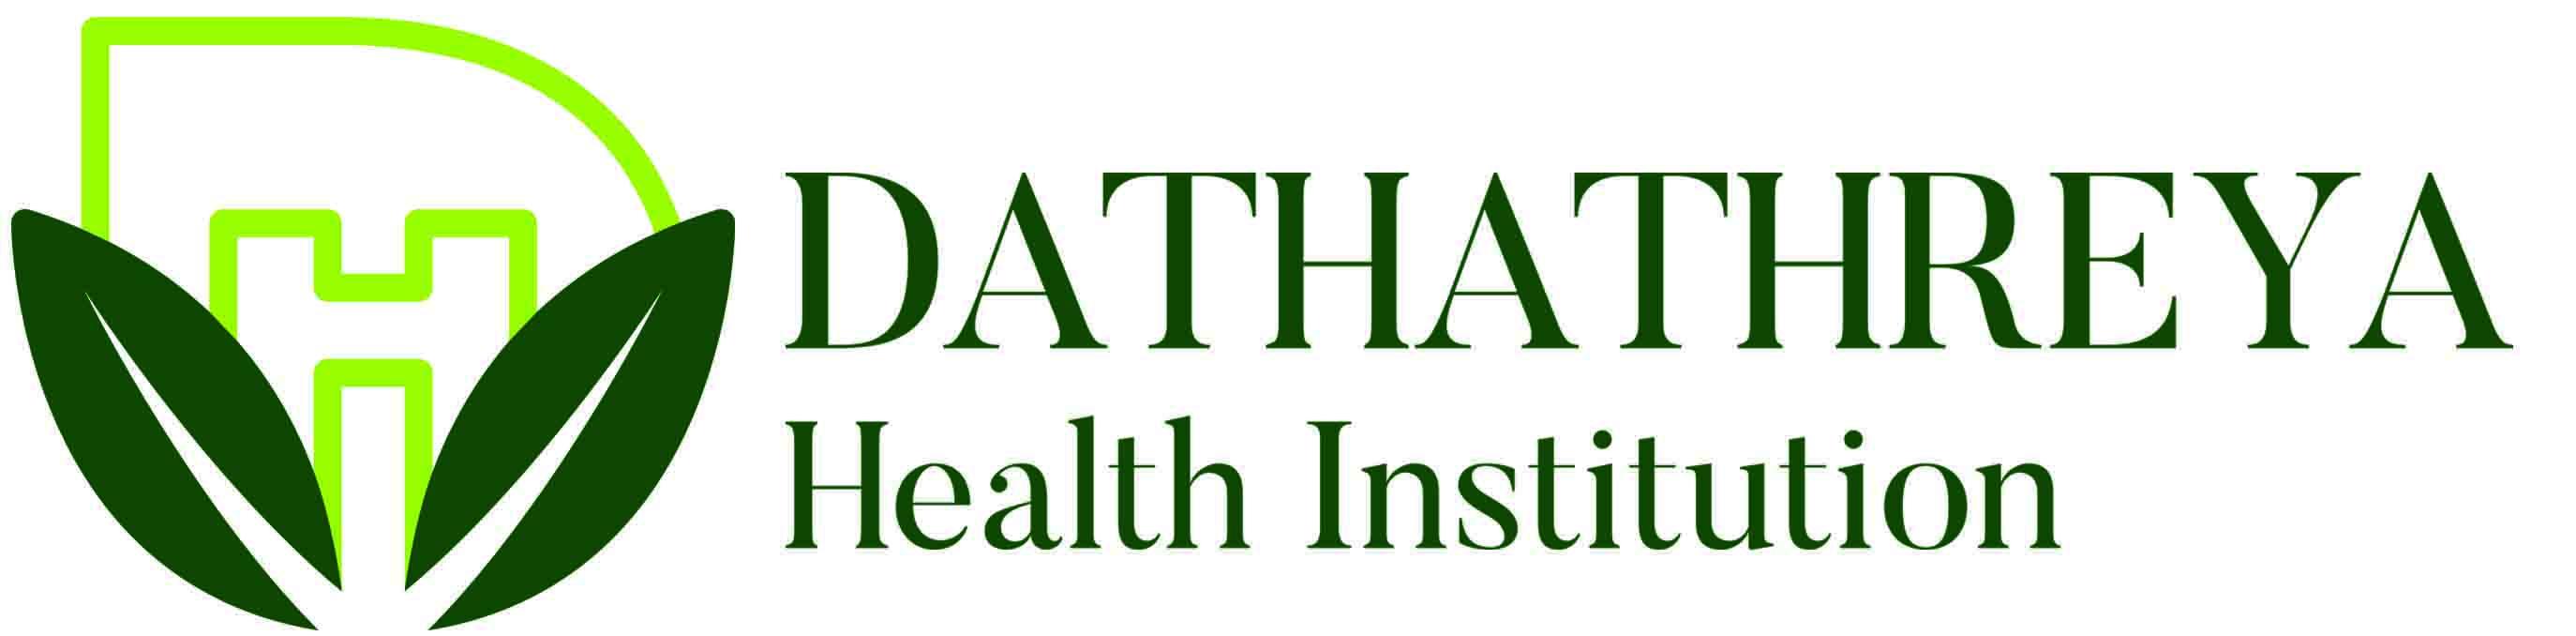 Dathathreya Health Institution for Public Health